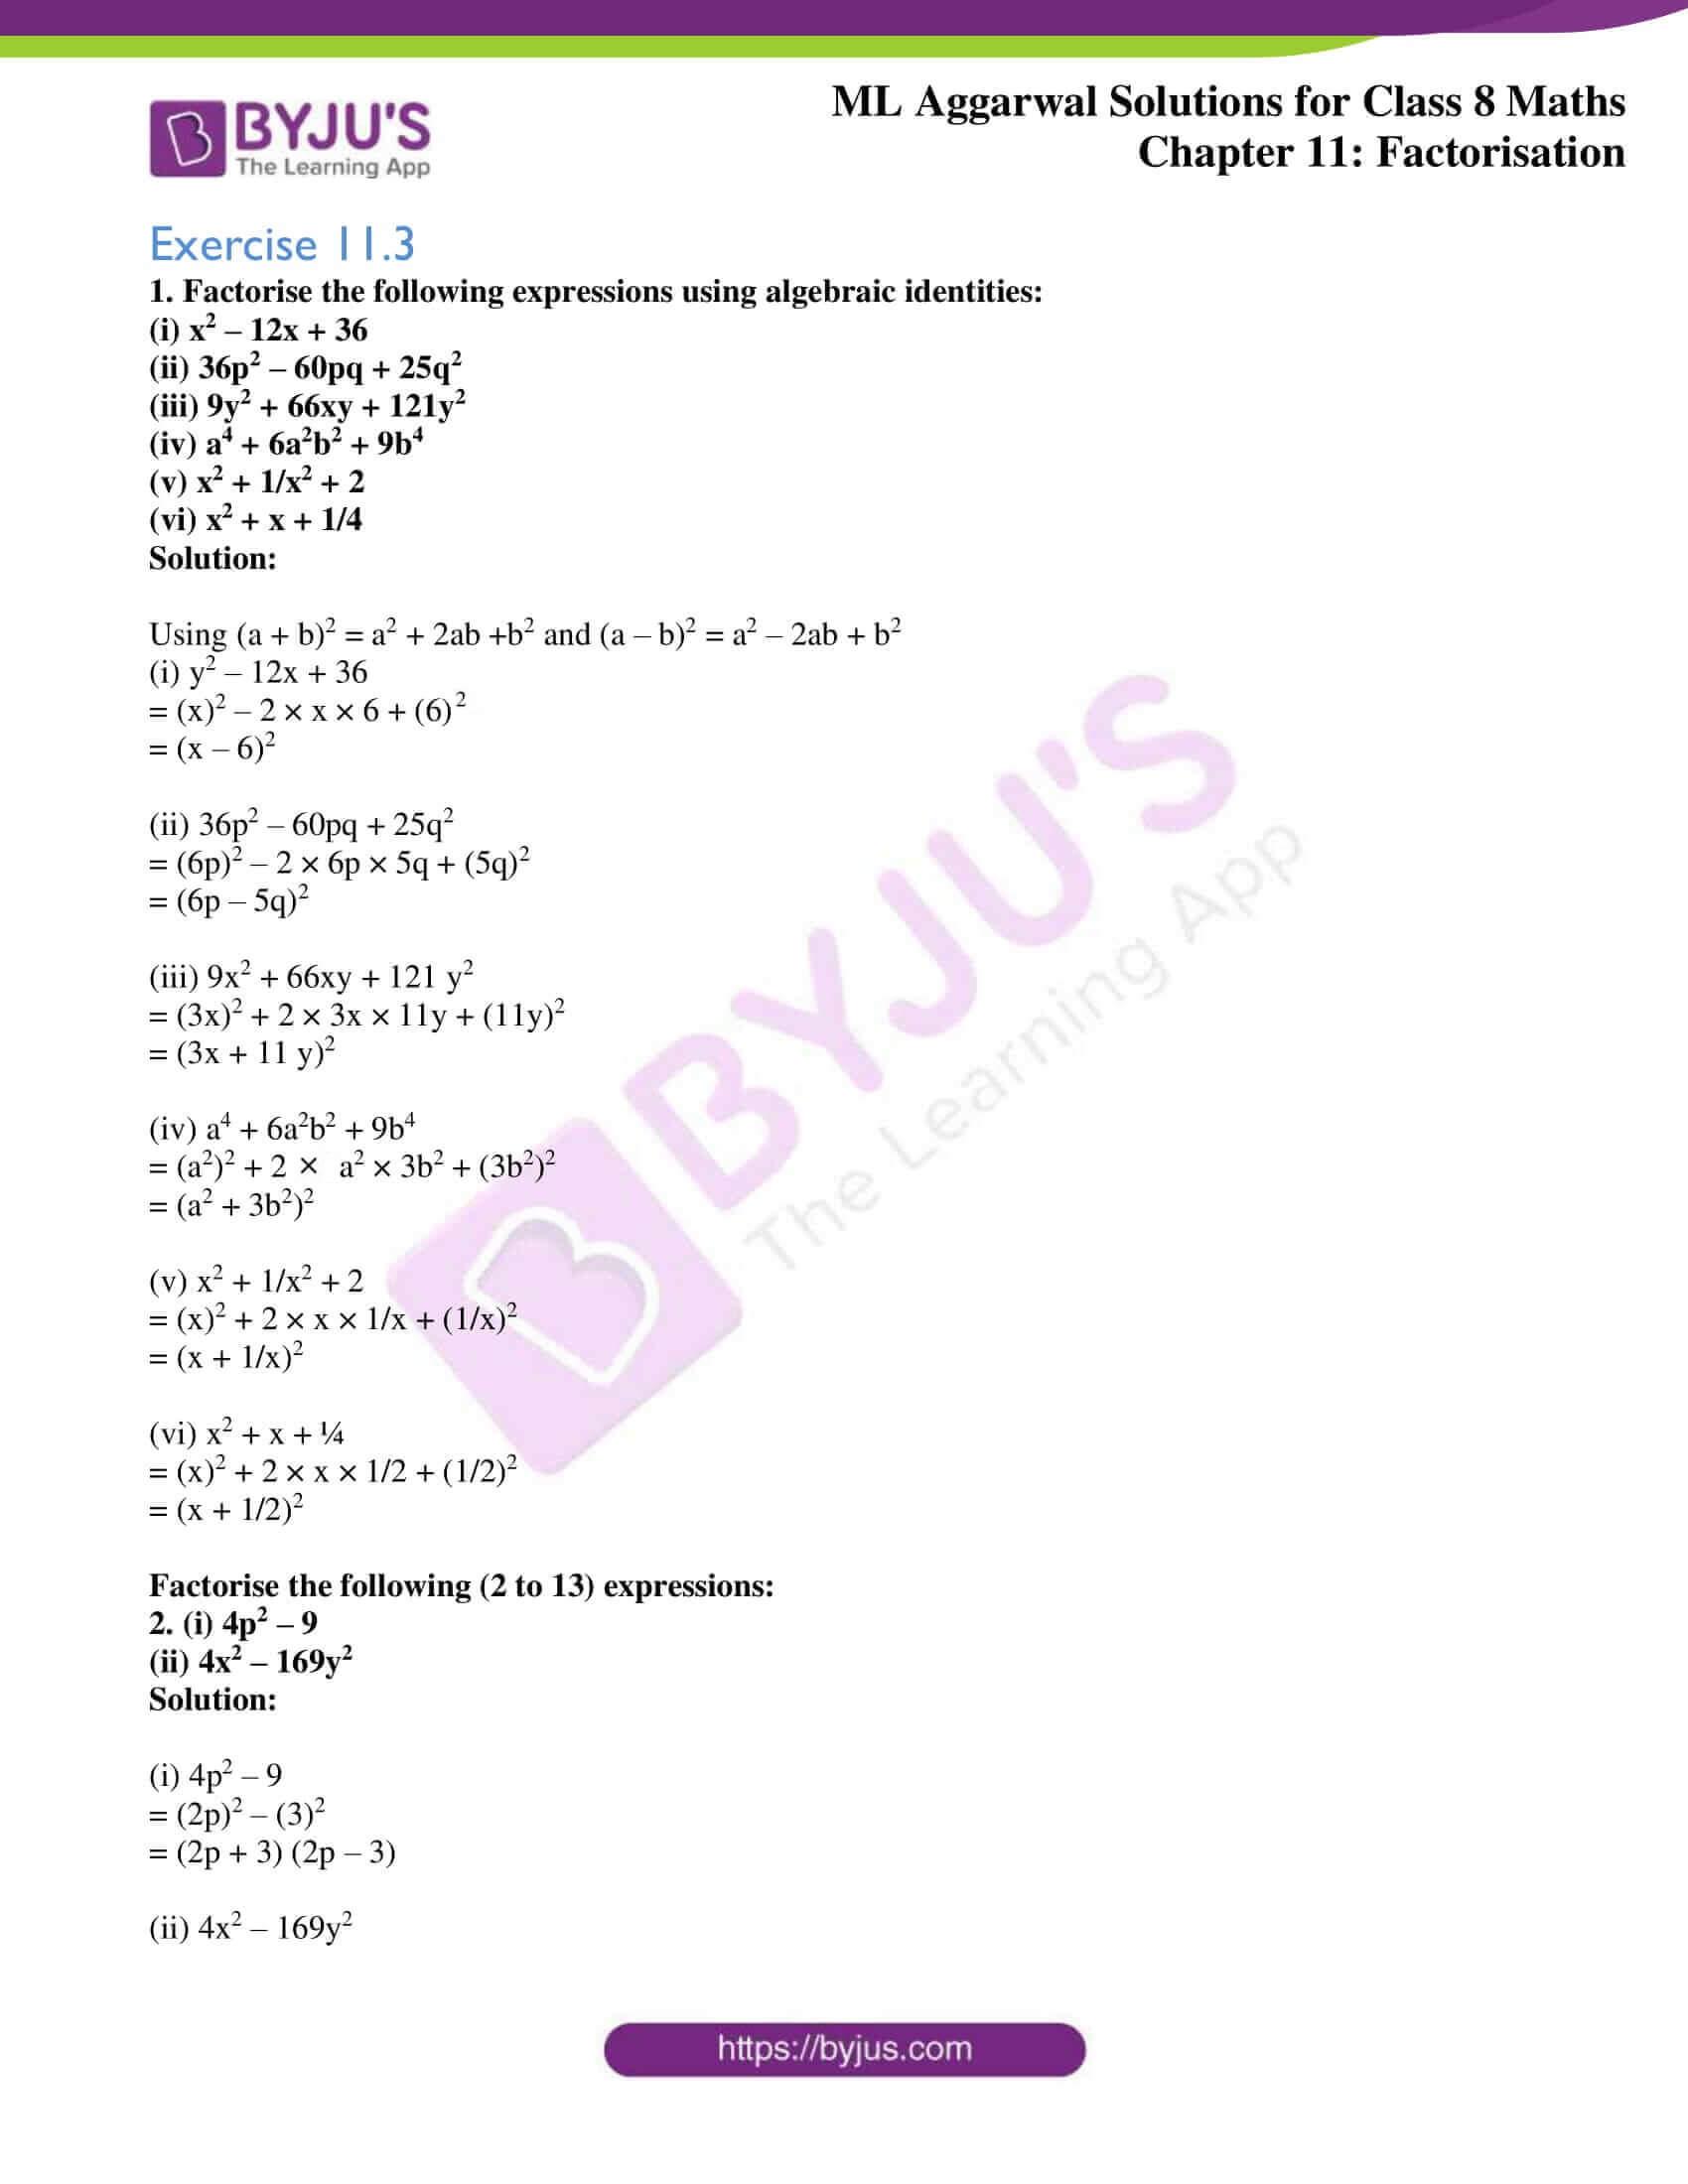 ml aggarwal sol mathematics class 8 ch 11 07